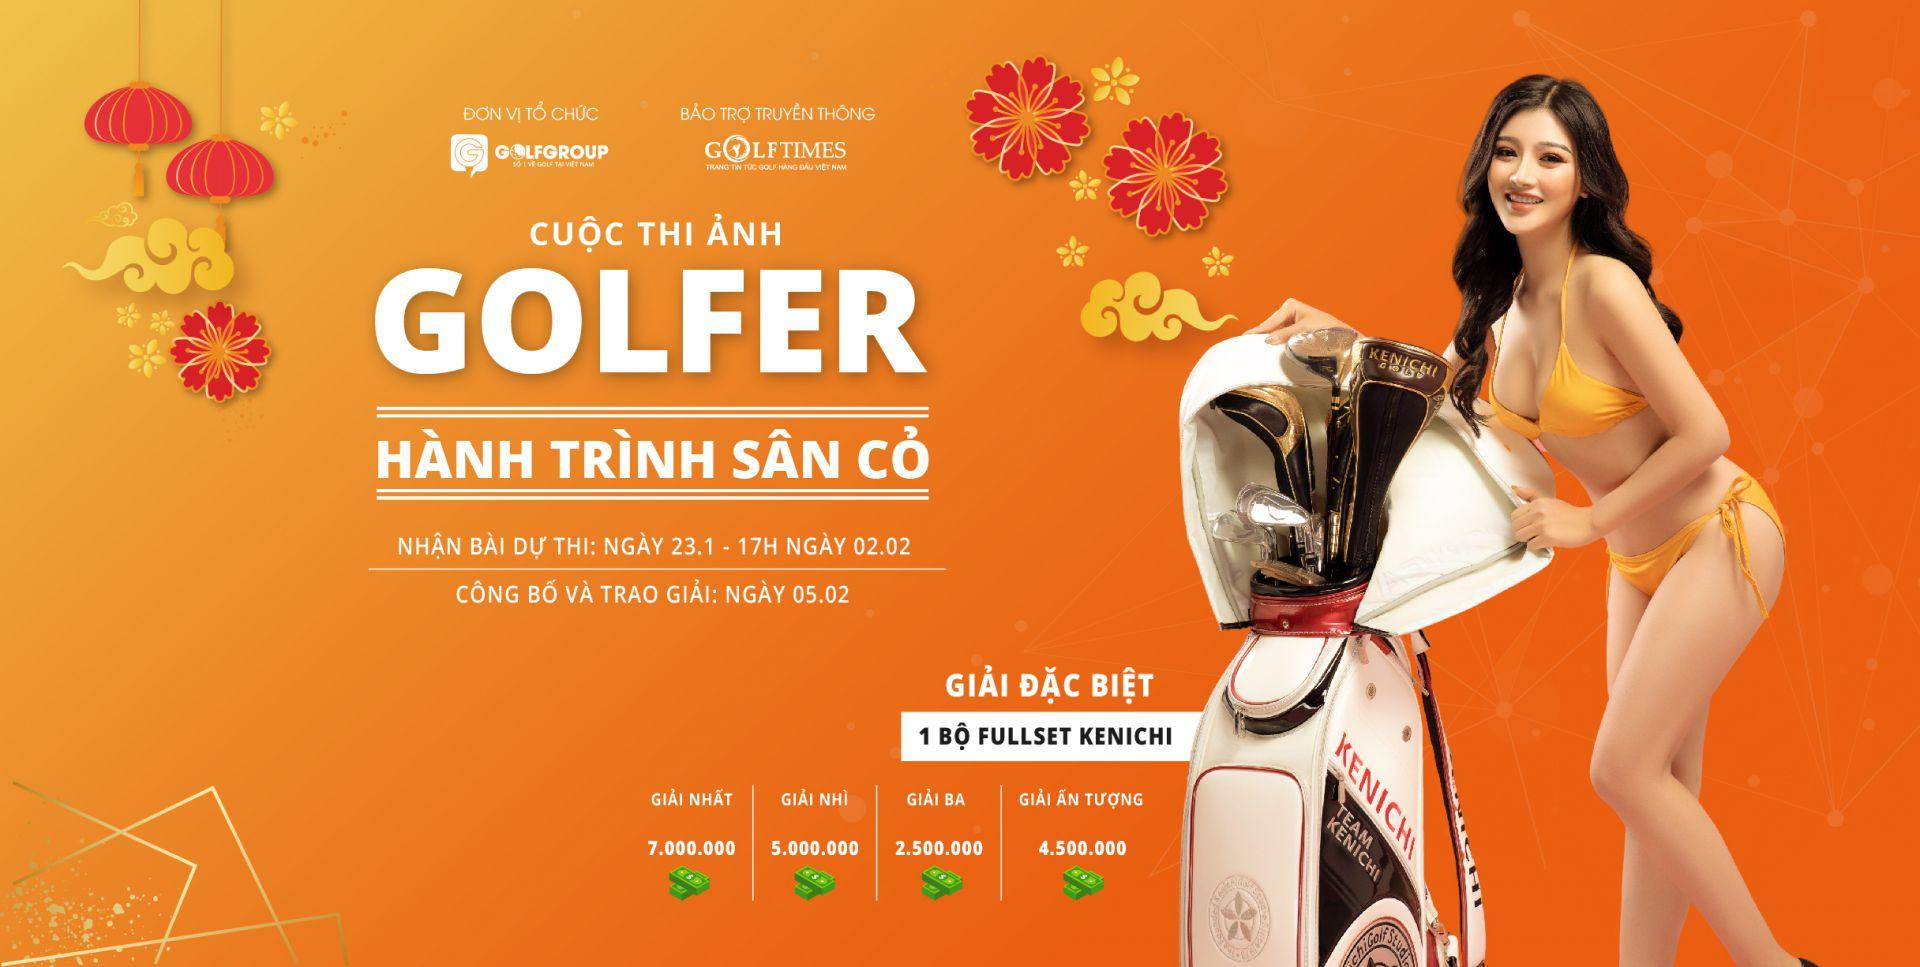 Chào xuân Canh Tý - Golfgroup rầm rộ tổ chức cuộc thi ảnh Golfer: HÀNH TRÌNH SÂN CỎ